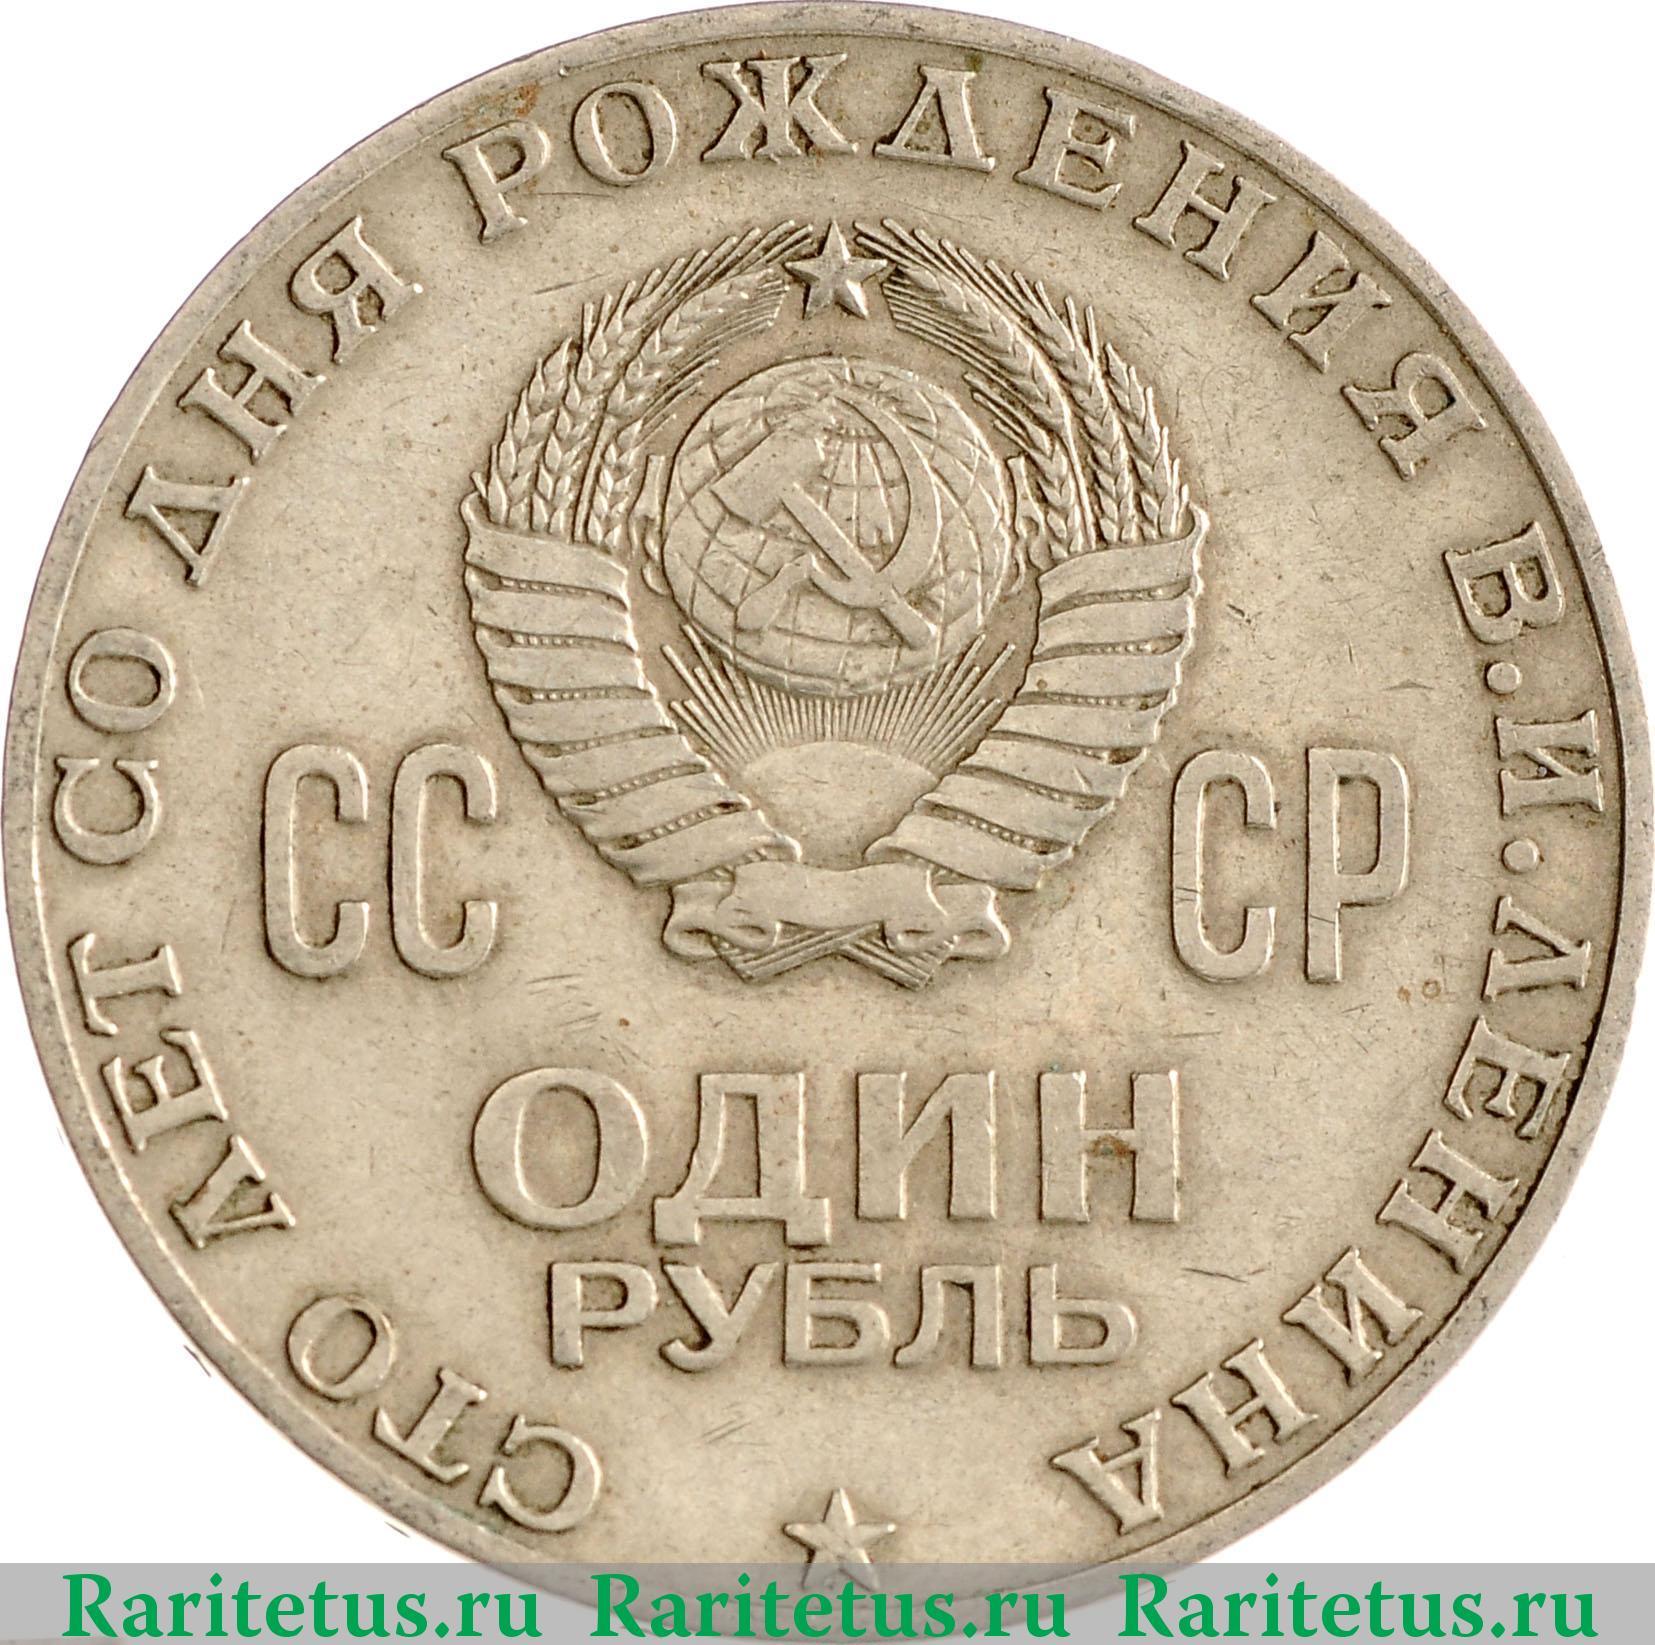 Сколько стоит советский железный рубль с лениным капсулы для монет тверь